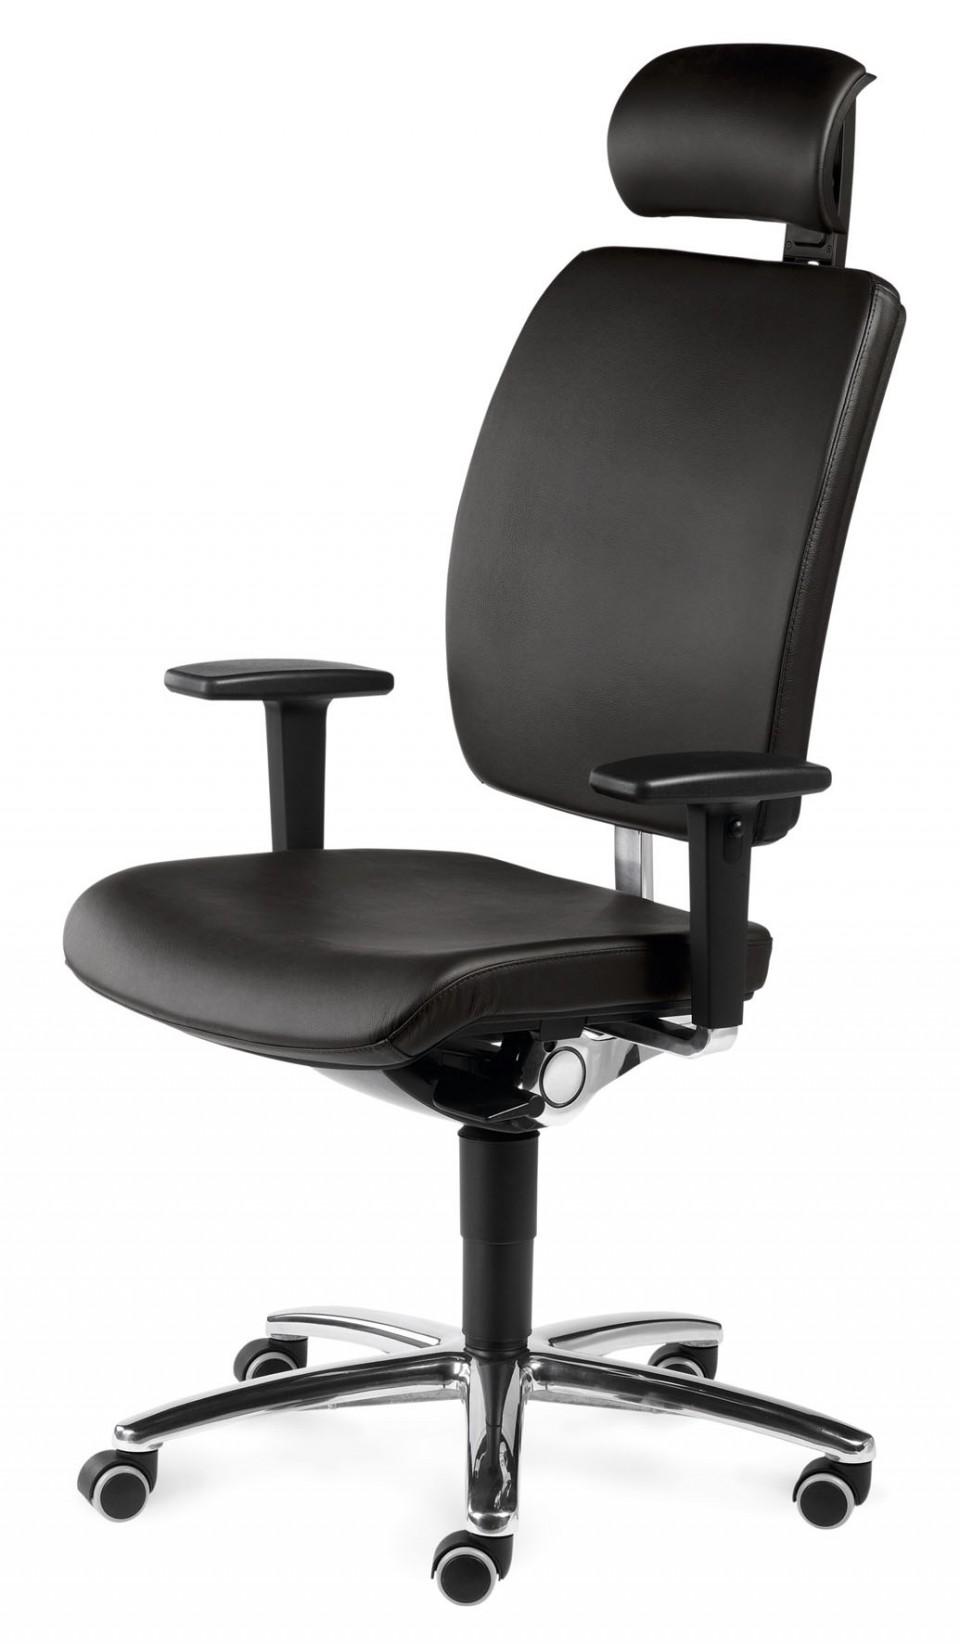 fauteuil de bureau 24h magnum achat fauteuils 24 heures 729 00. Black Bedroom Furniture Sets. Home Design Ideas